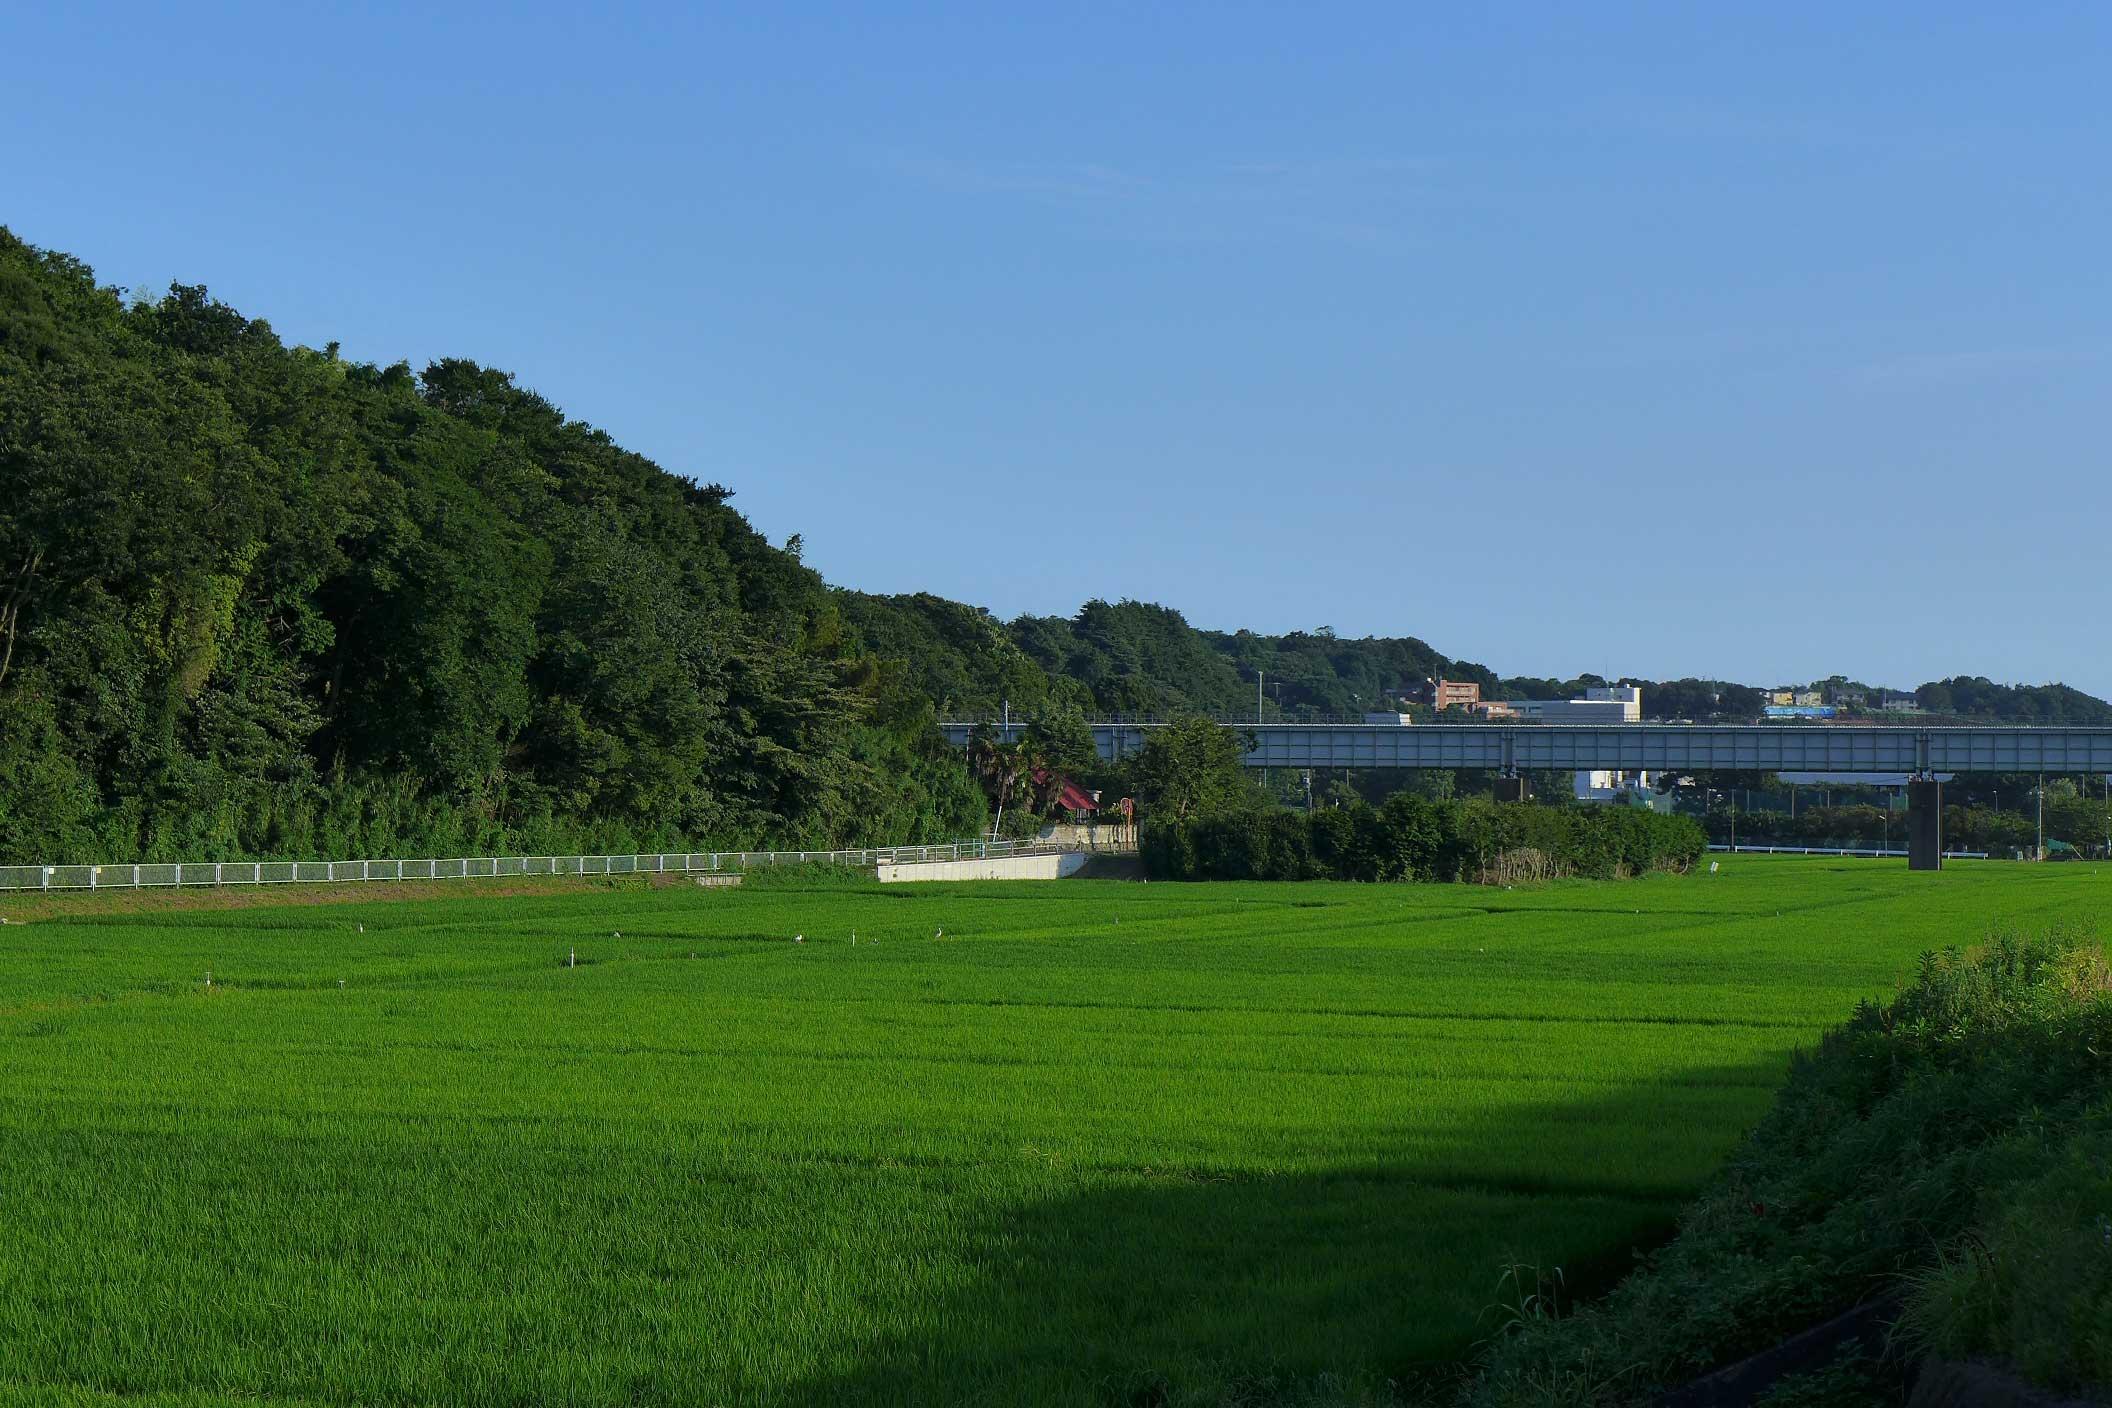 田んぼの風景 - 2015年7月28日